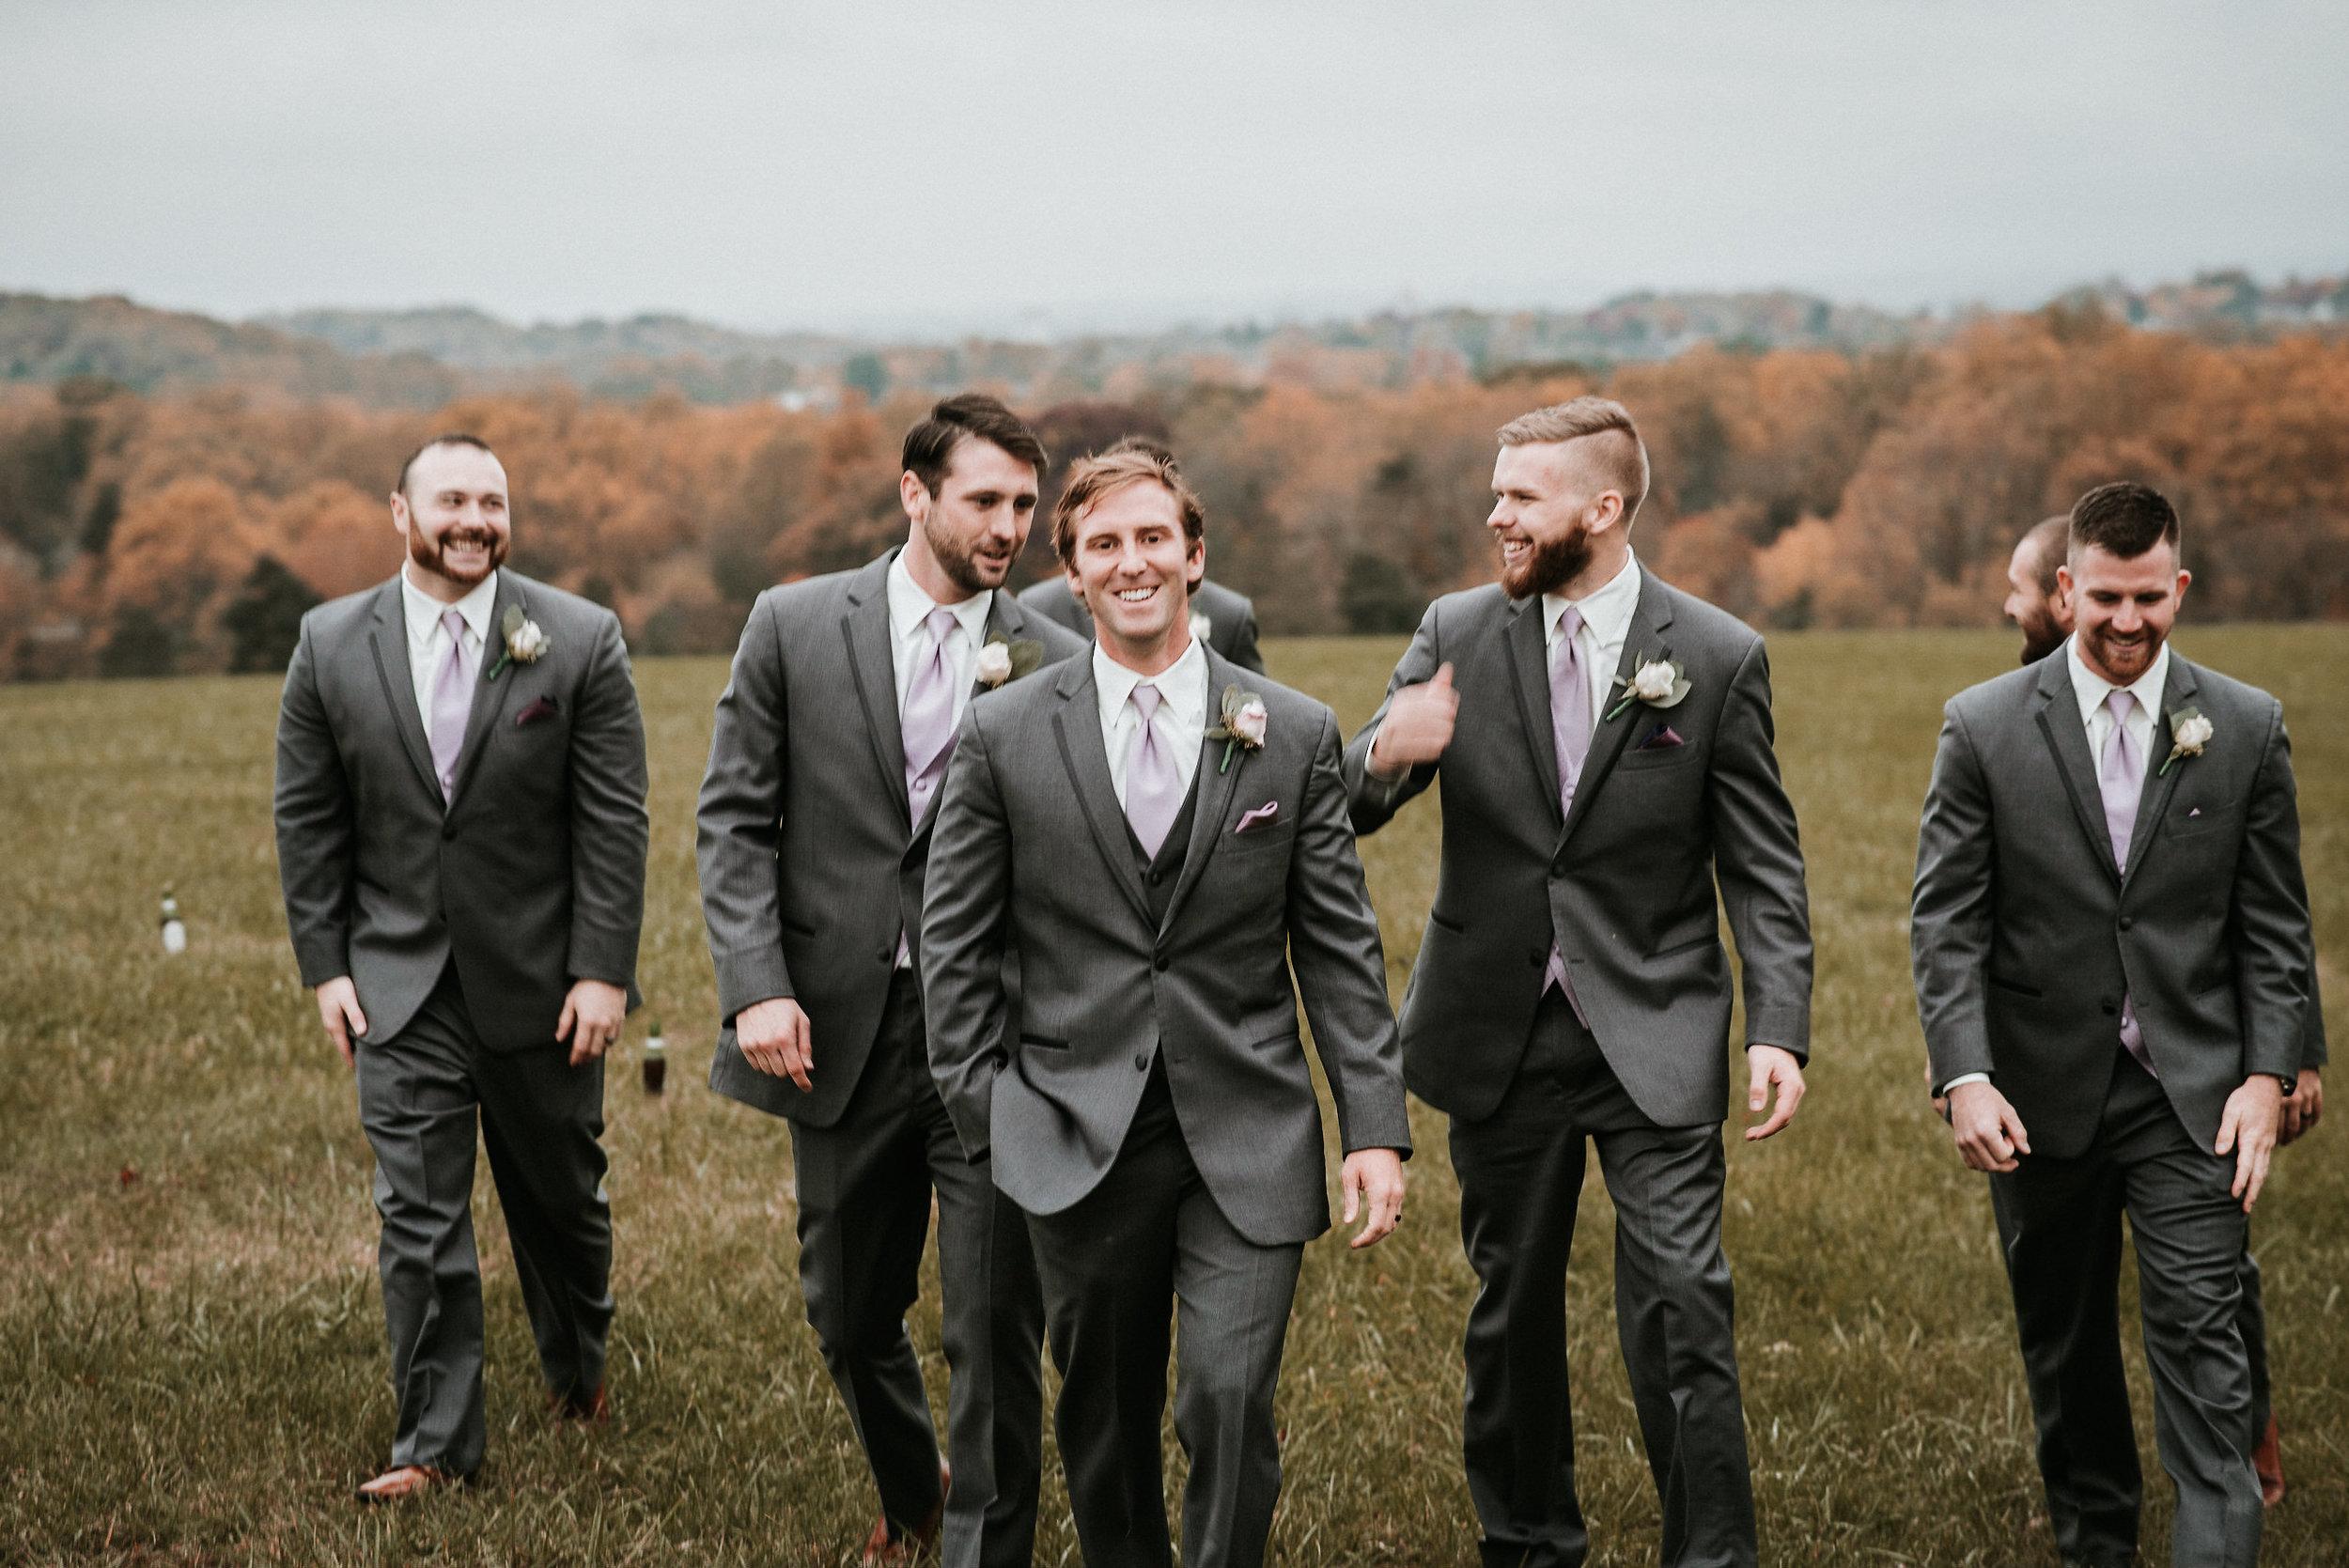 Groom and groomsmen walking through field